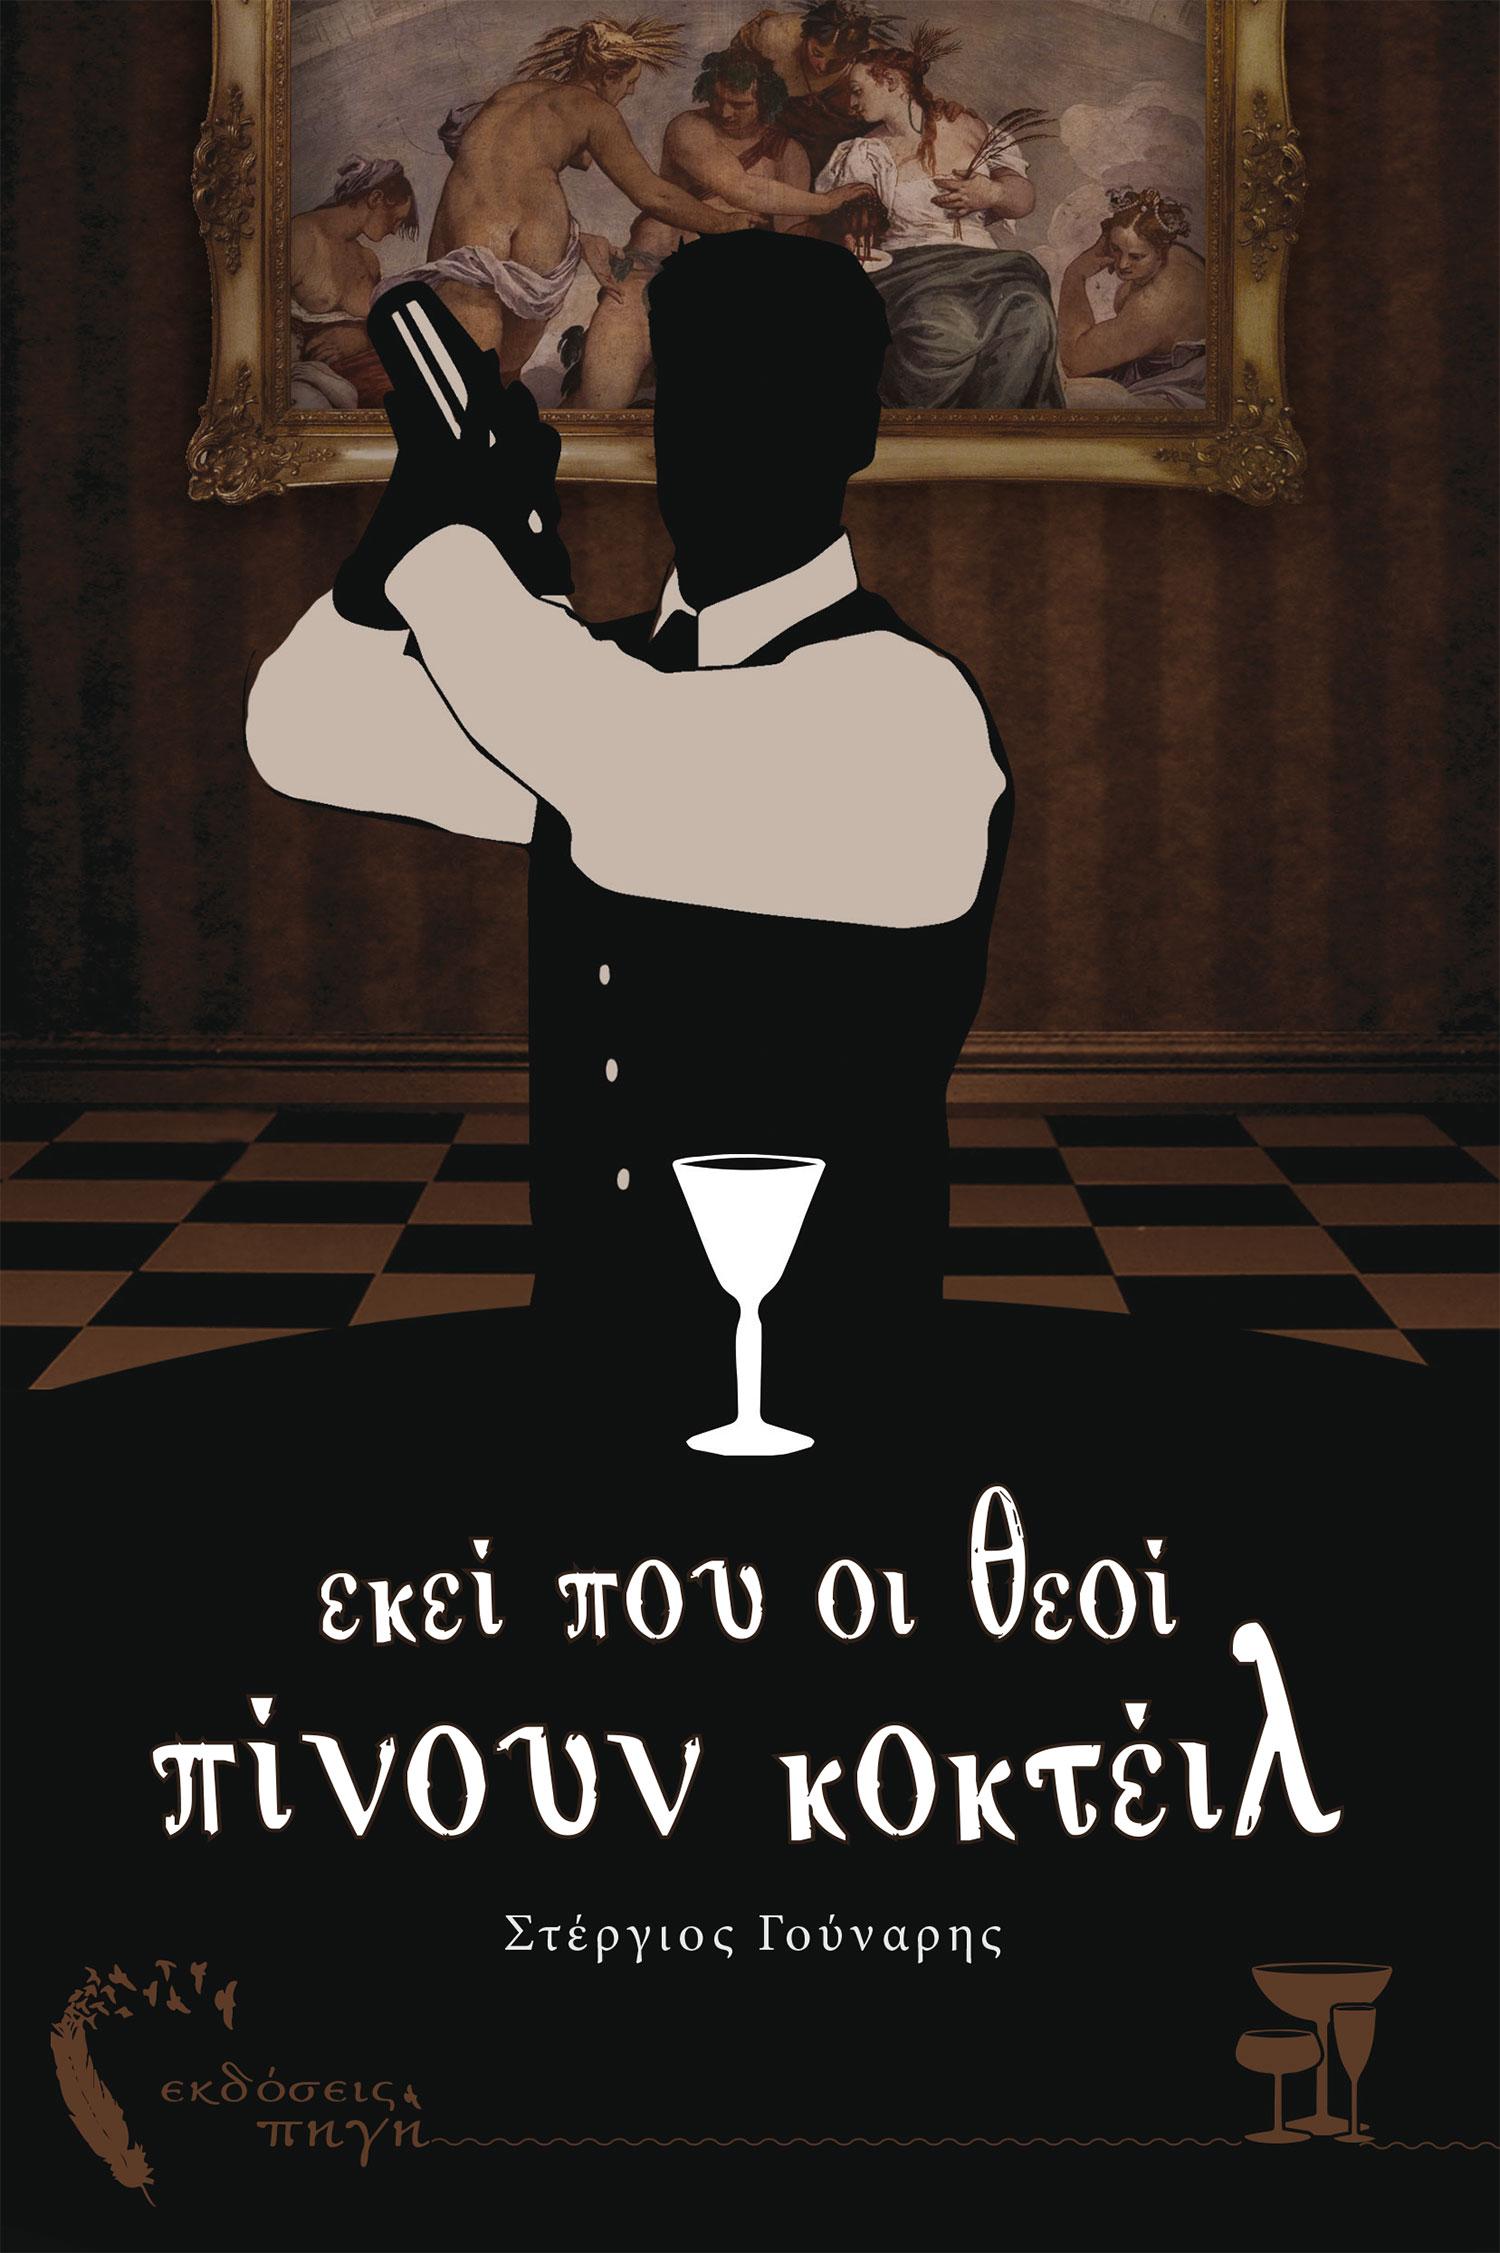 Εκεί που οι θεοί πίνουν κοκτέιλ, Στέργιος Γούναρης, Εκδόσεις Πηγή - www.pigi.gr